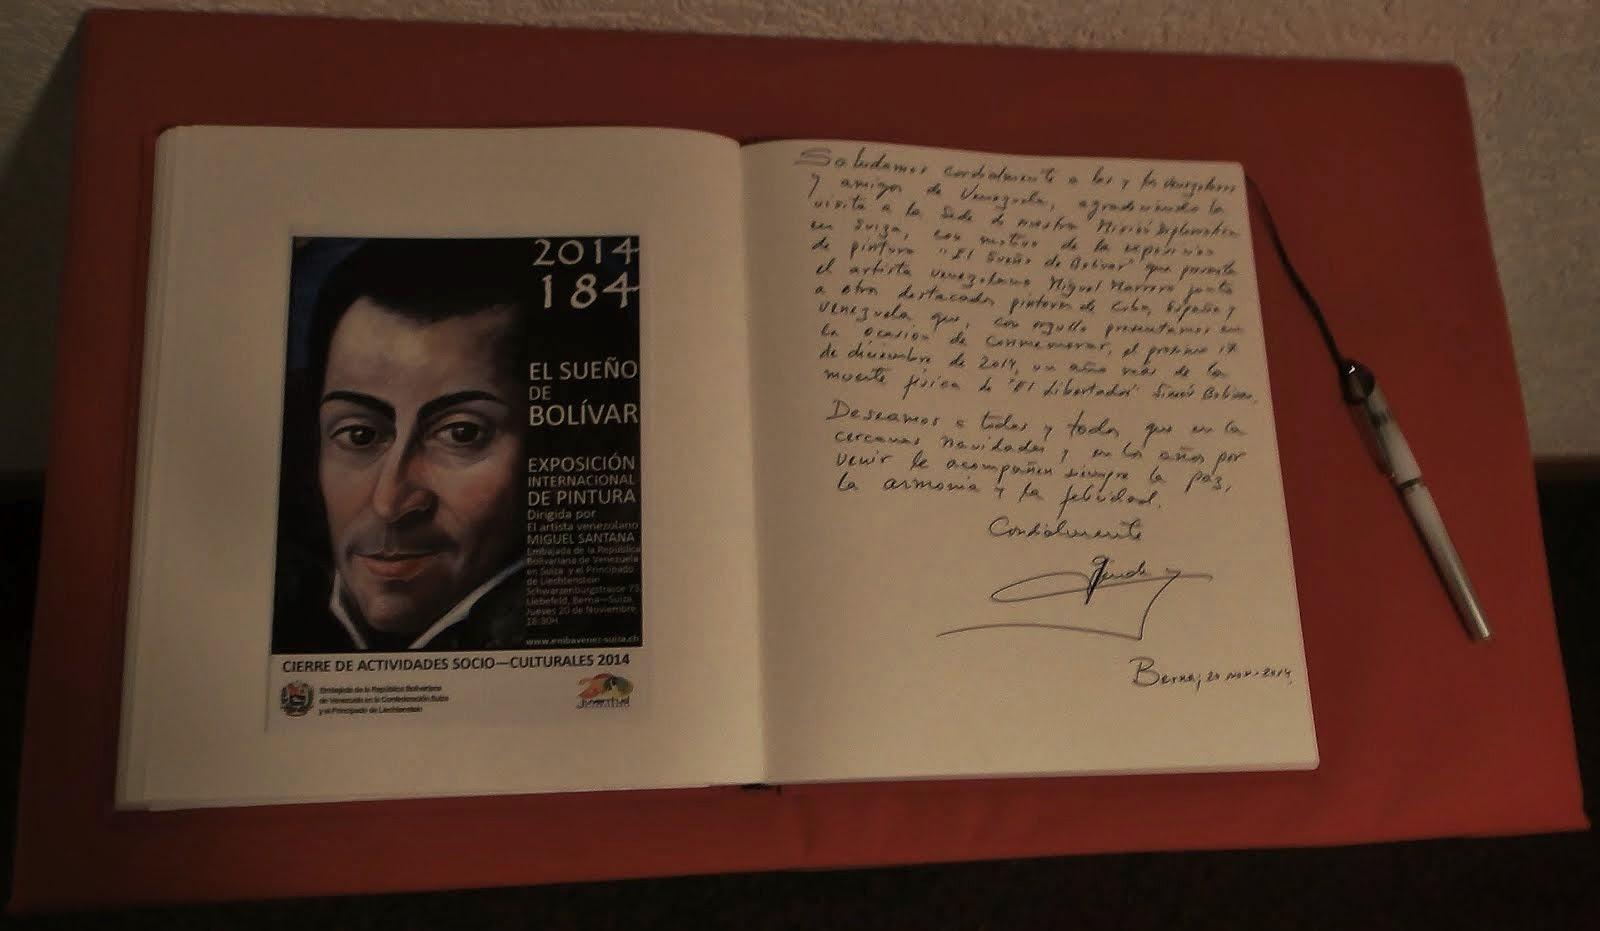 Exposición en la Embajada de la R. B. de Venezuela en Berna - Suiza. Noviembre de 2014